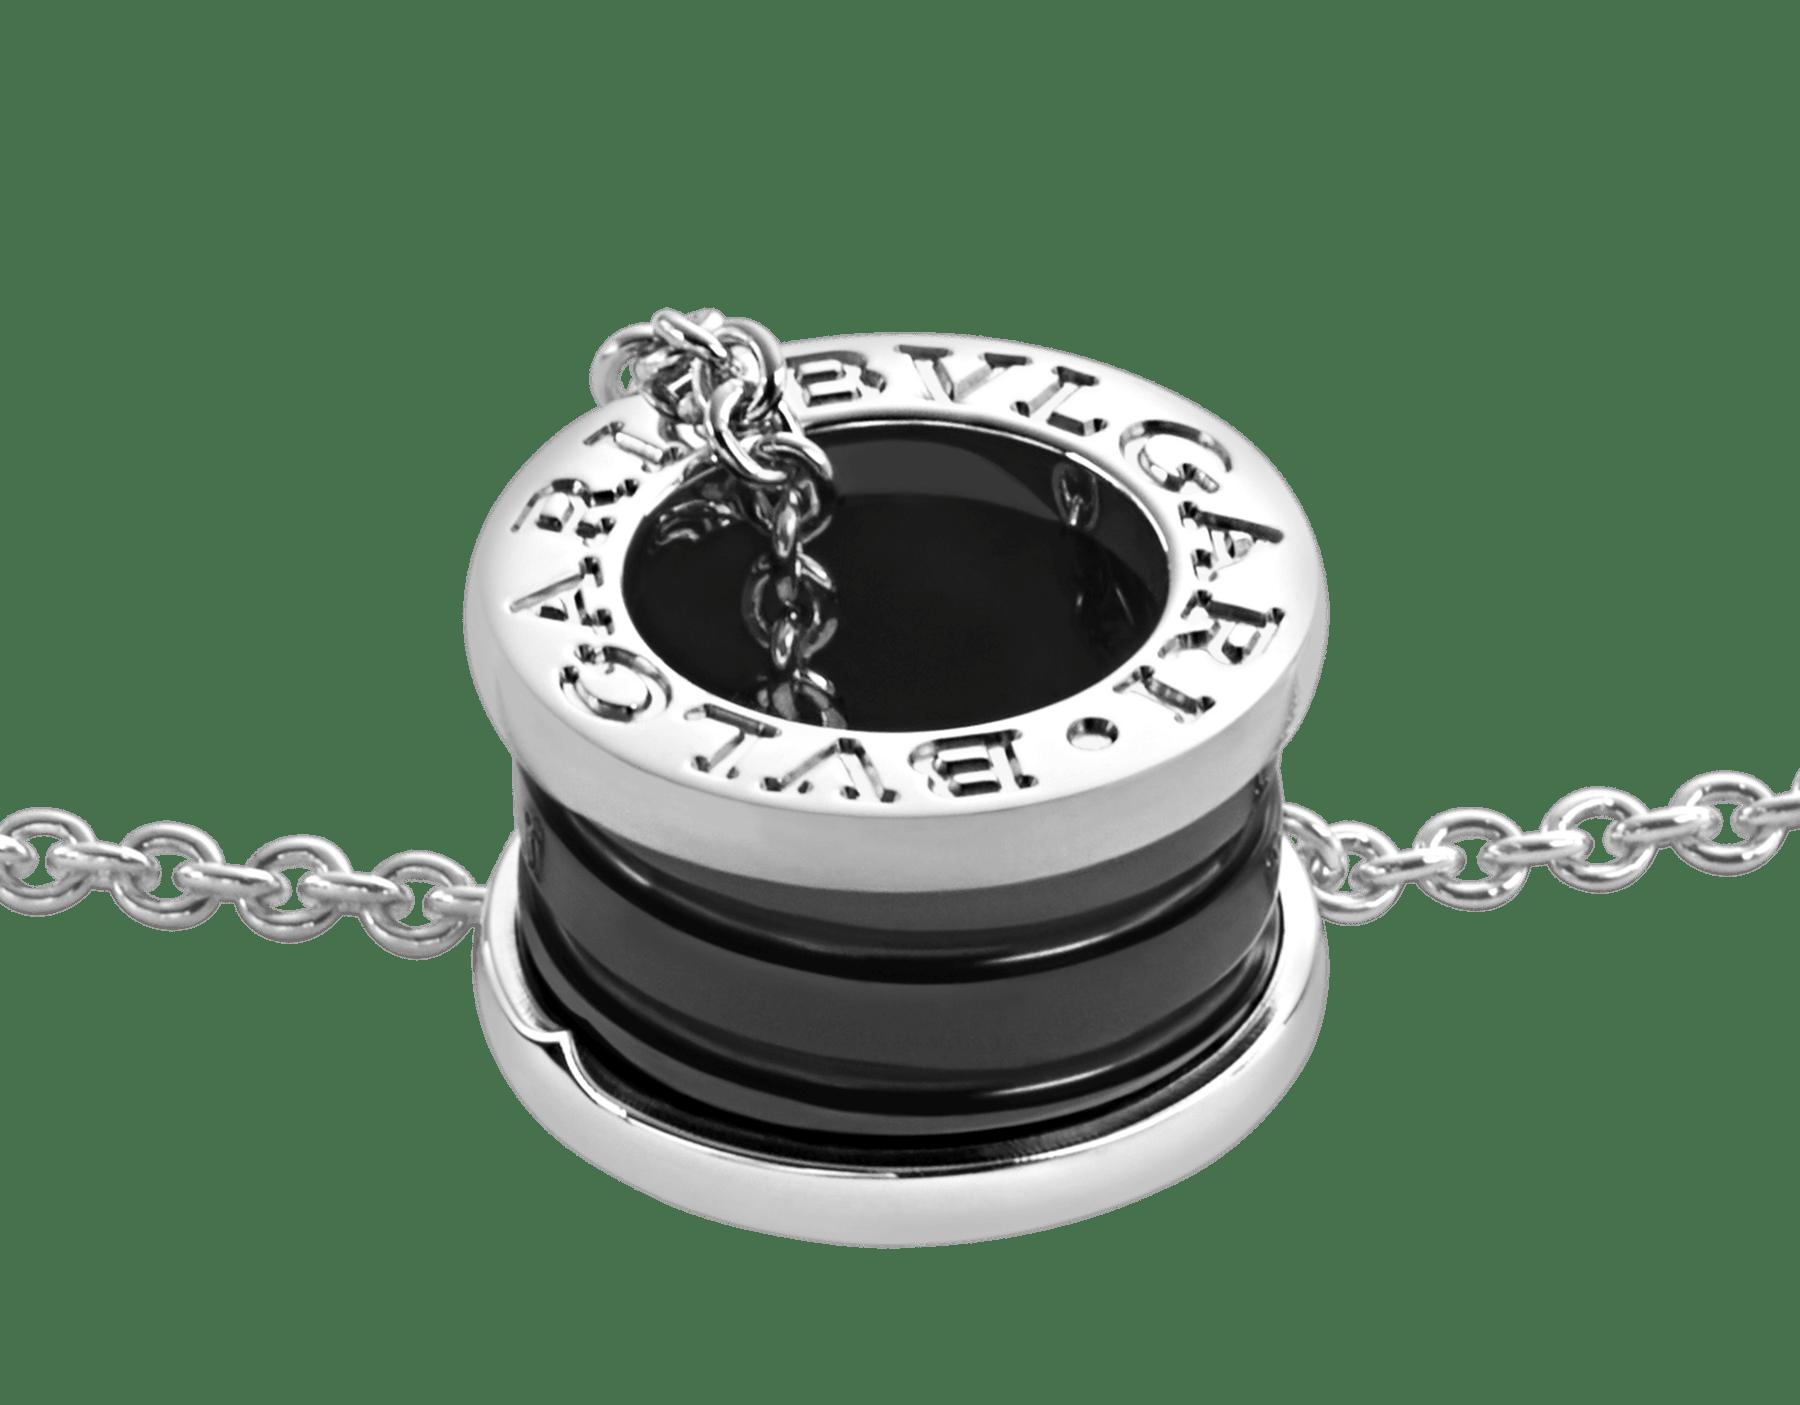 Colar Save the Children com pingente em prata de lei e cerâmica preta, e corrente em prata de lei 349634 image 3